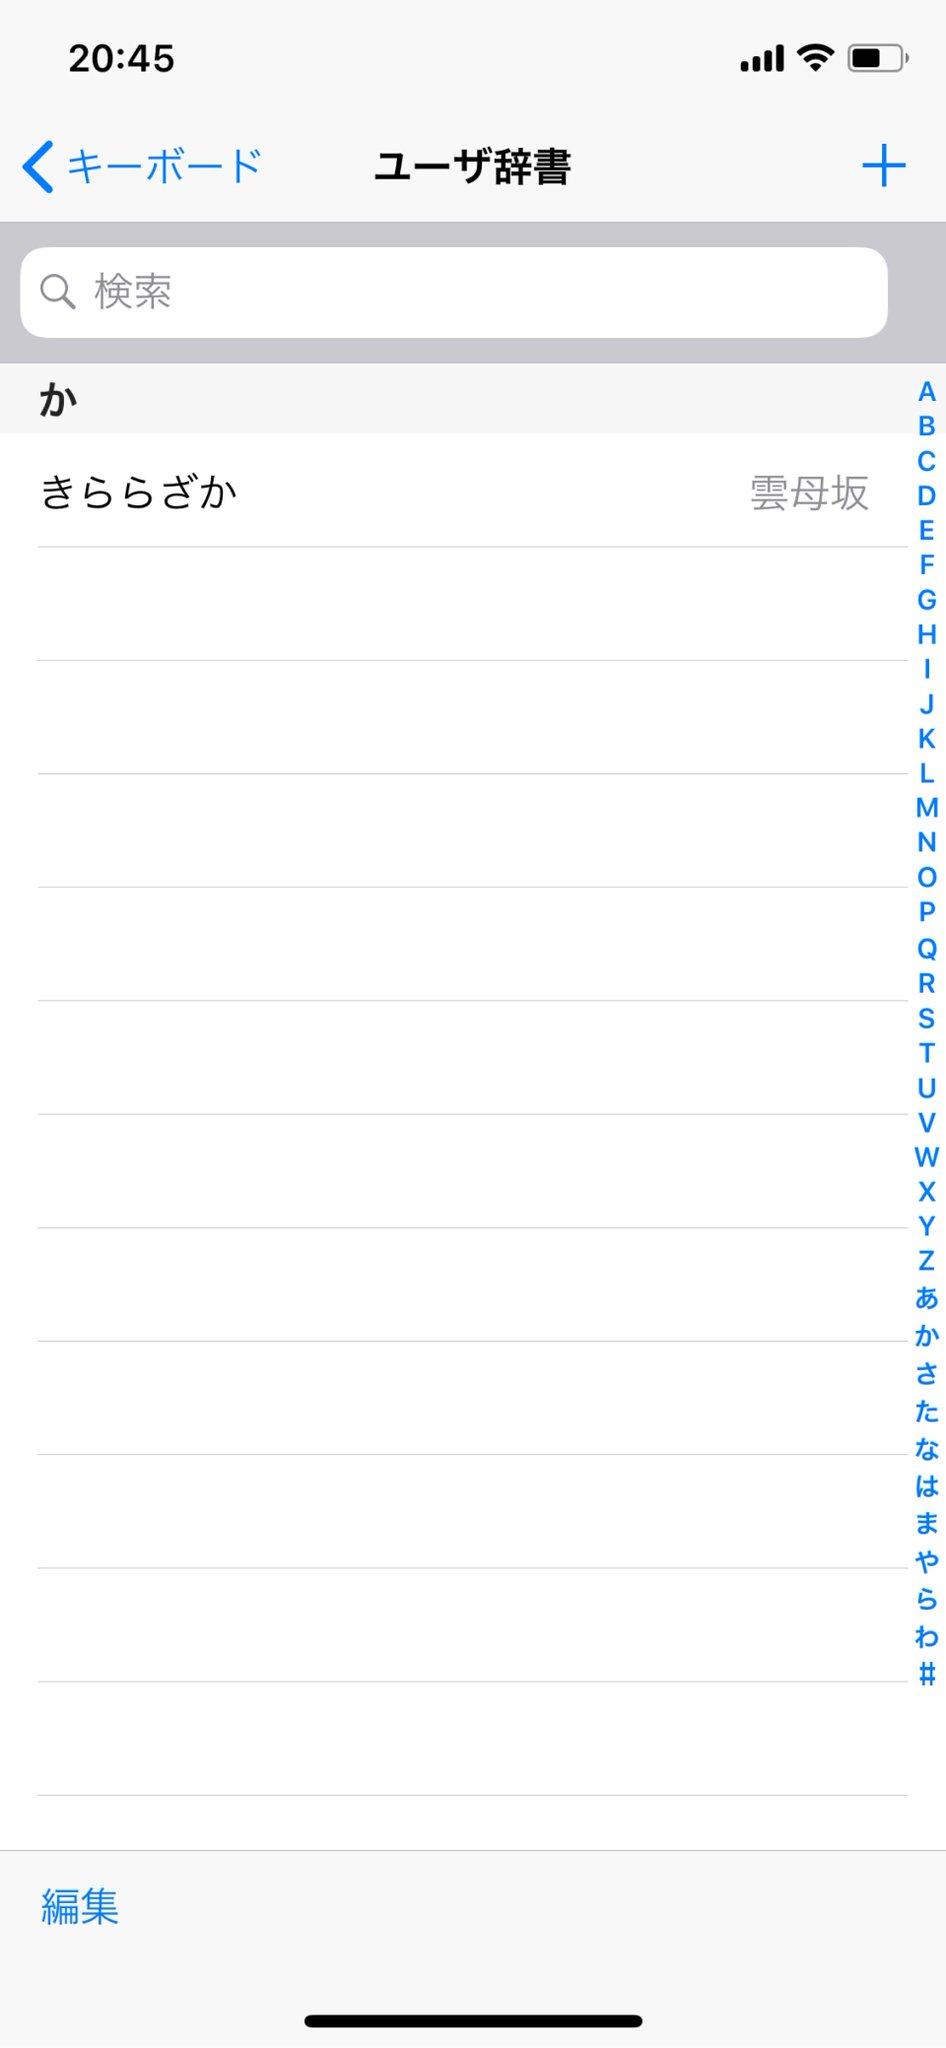 iPhone のユーザー辞書が「きららざか」だけになってしまった( ;´Д`) 同期系の設定いじった覚えがないんだけどどうして。。。 https://t.co/3Ykx0pbS0v